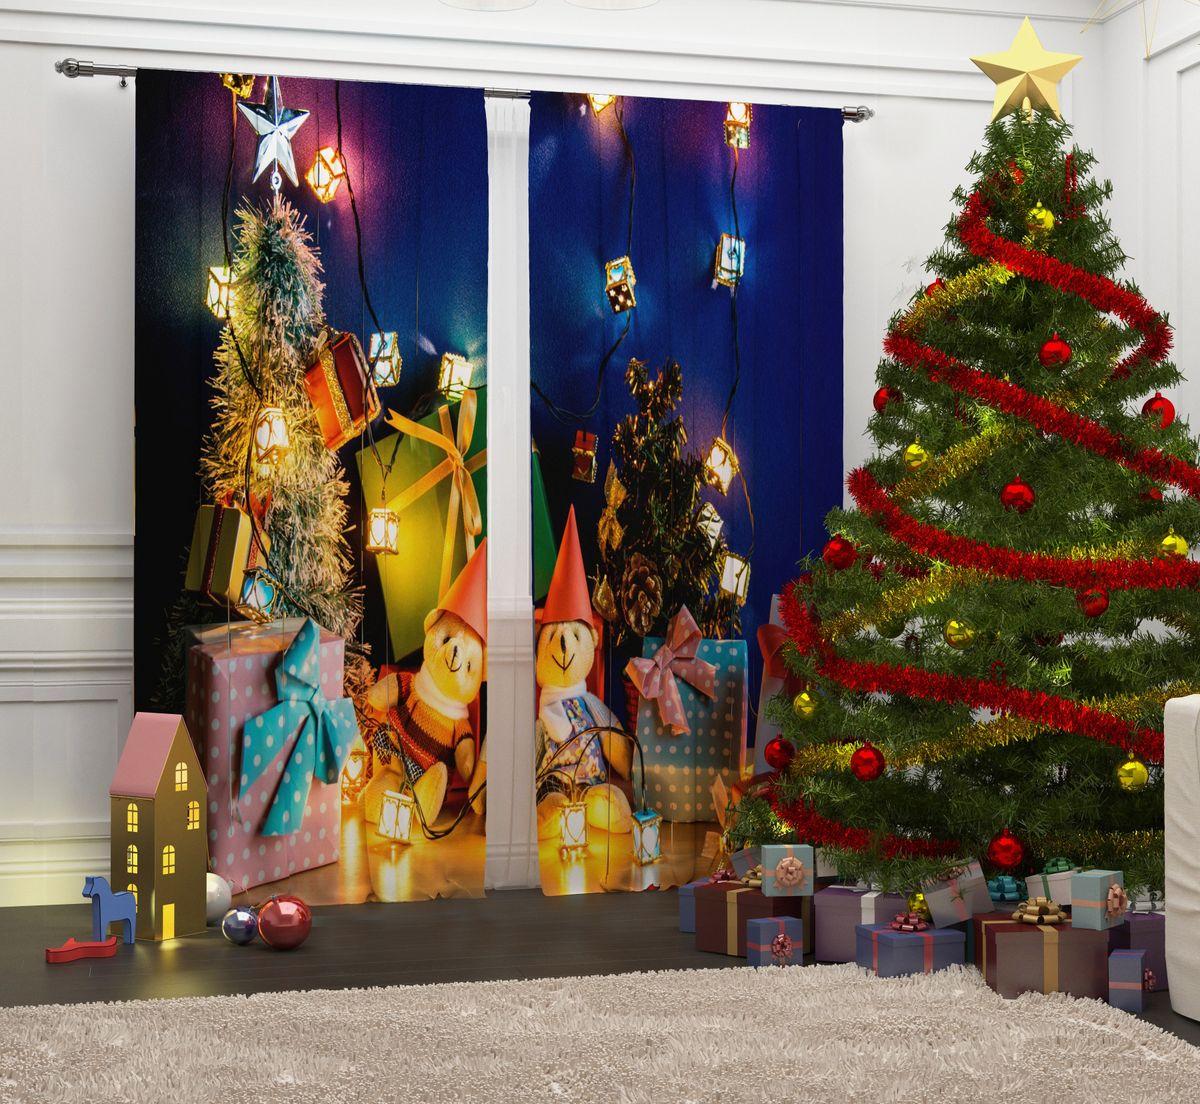 Фотошторы Сирень Новогодние мишки, на ленте, высота 260 см07288-ФШ-ГБ-001Перед новогодними праздниками каждая хозяйка или хозяин хотят украсить свой дом. Мы предлагаем оригинальное решение, украсить Ваше окно фотошторами с новогодней тематикой. Новогодние фотошторы Сирень станут отличным подарком на Новый год. Подарите радость праздника себе и Вашим близким людям! Текстиль бренда «Сирень» - качество в каждом сантиметре ткани! Крепление на карниз при помощи шторной ленты на крючки. В комплекте: Портьера: 2 шт. Размер (ШхВ): 145 см х 260 см. Рекомендации по уходу: стирка при 30 градусах гладить при температуре до 150 градусов Изображение на мониторе может немного отличаться от реального.